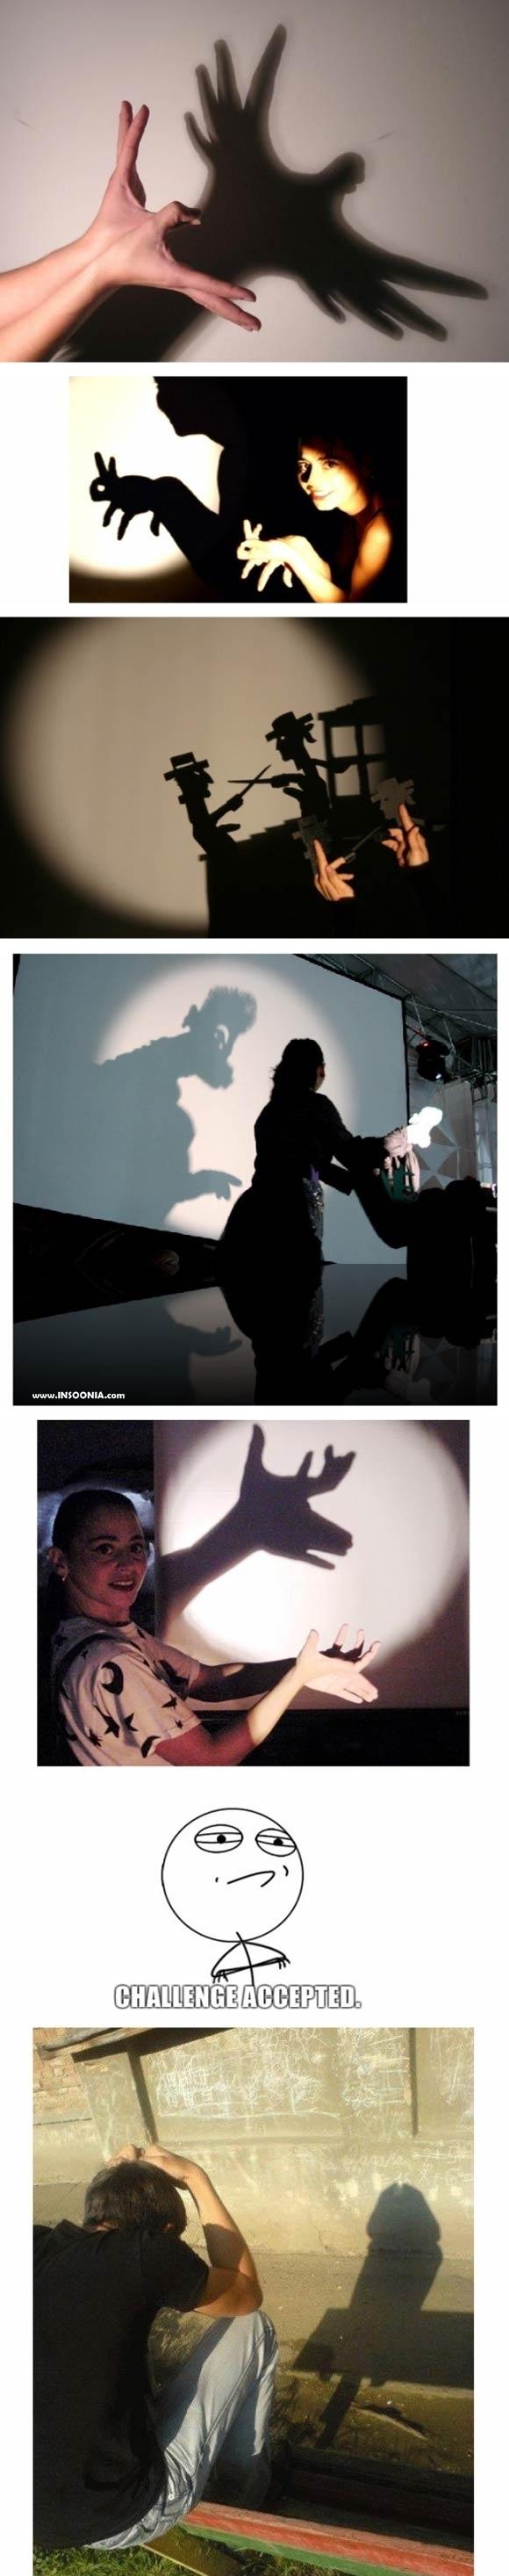 sombras-com-as-mãos